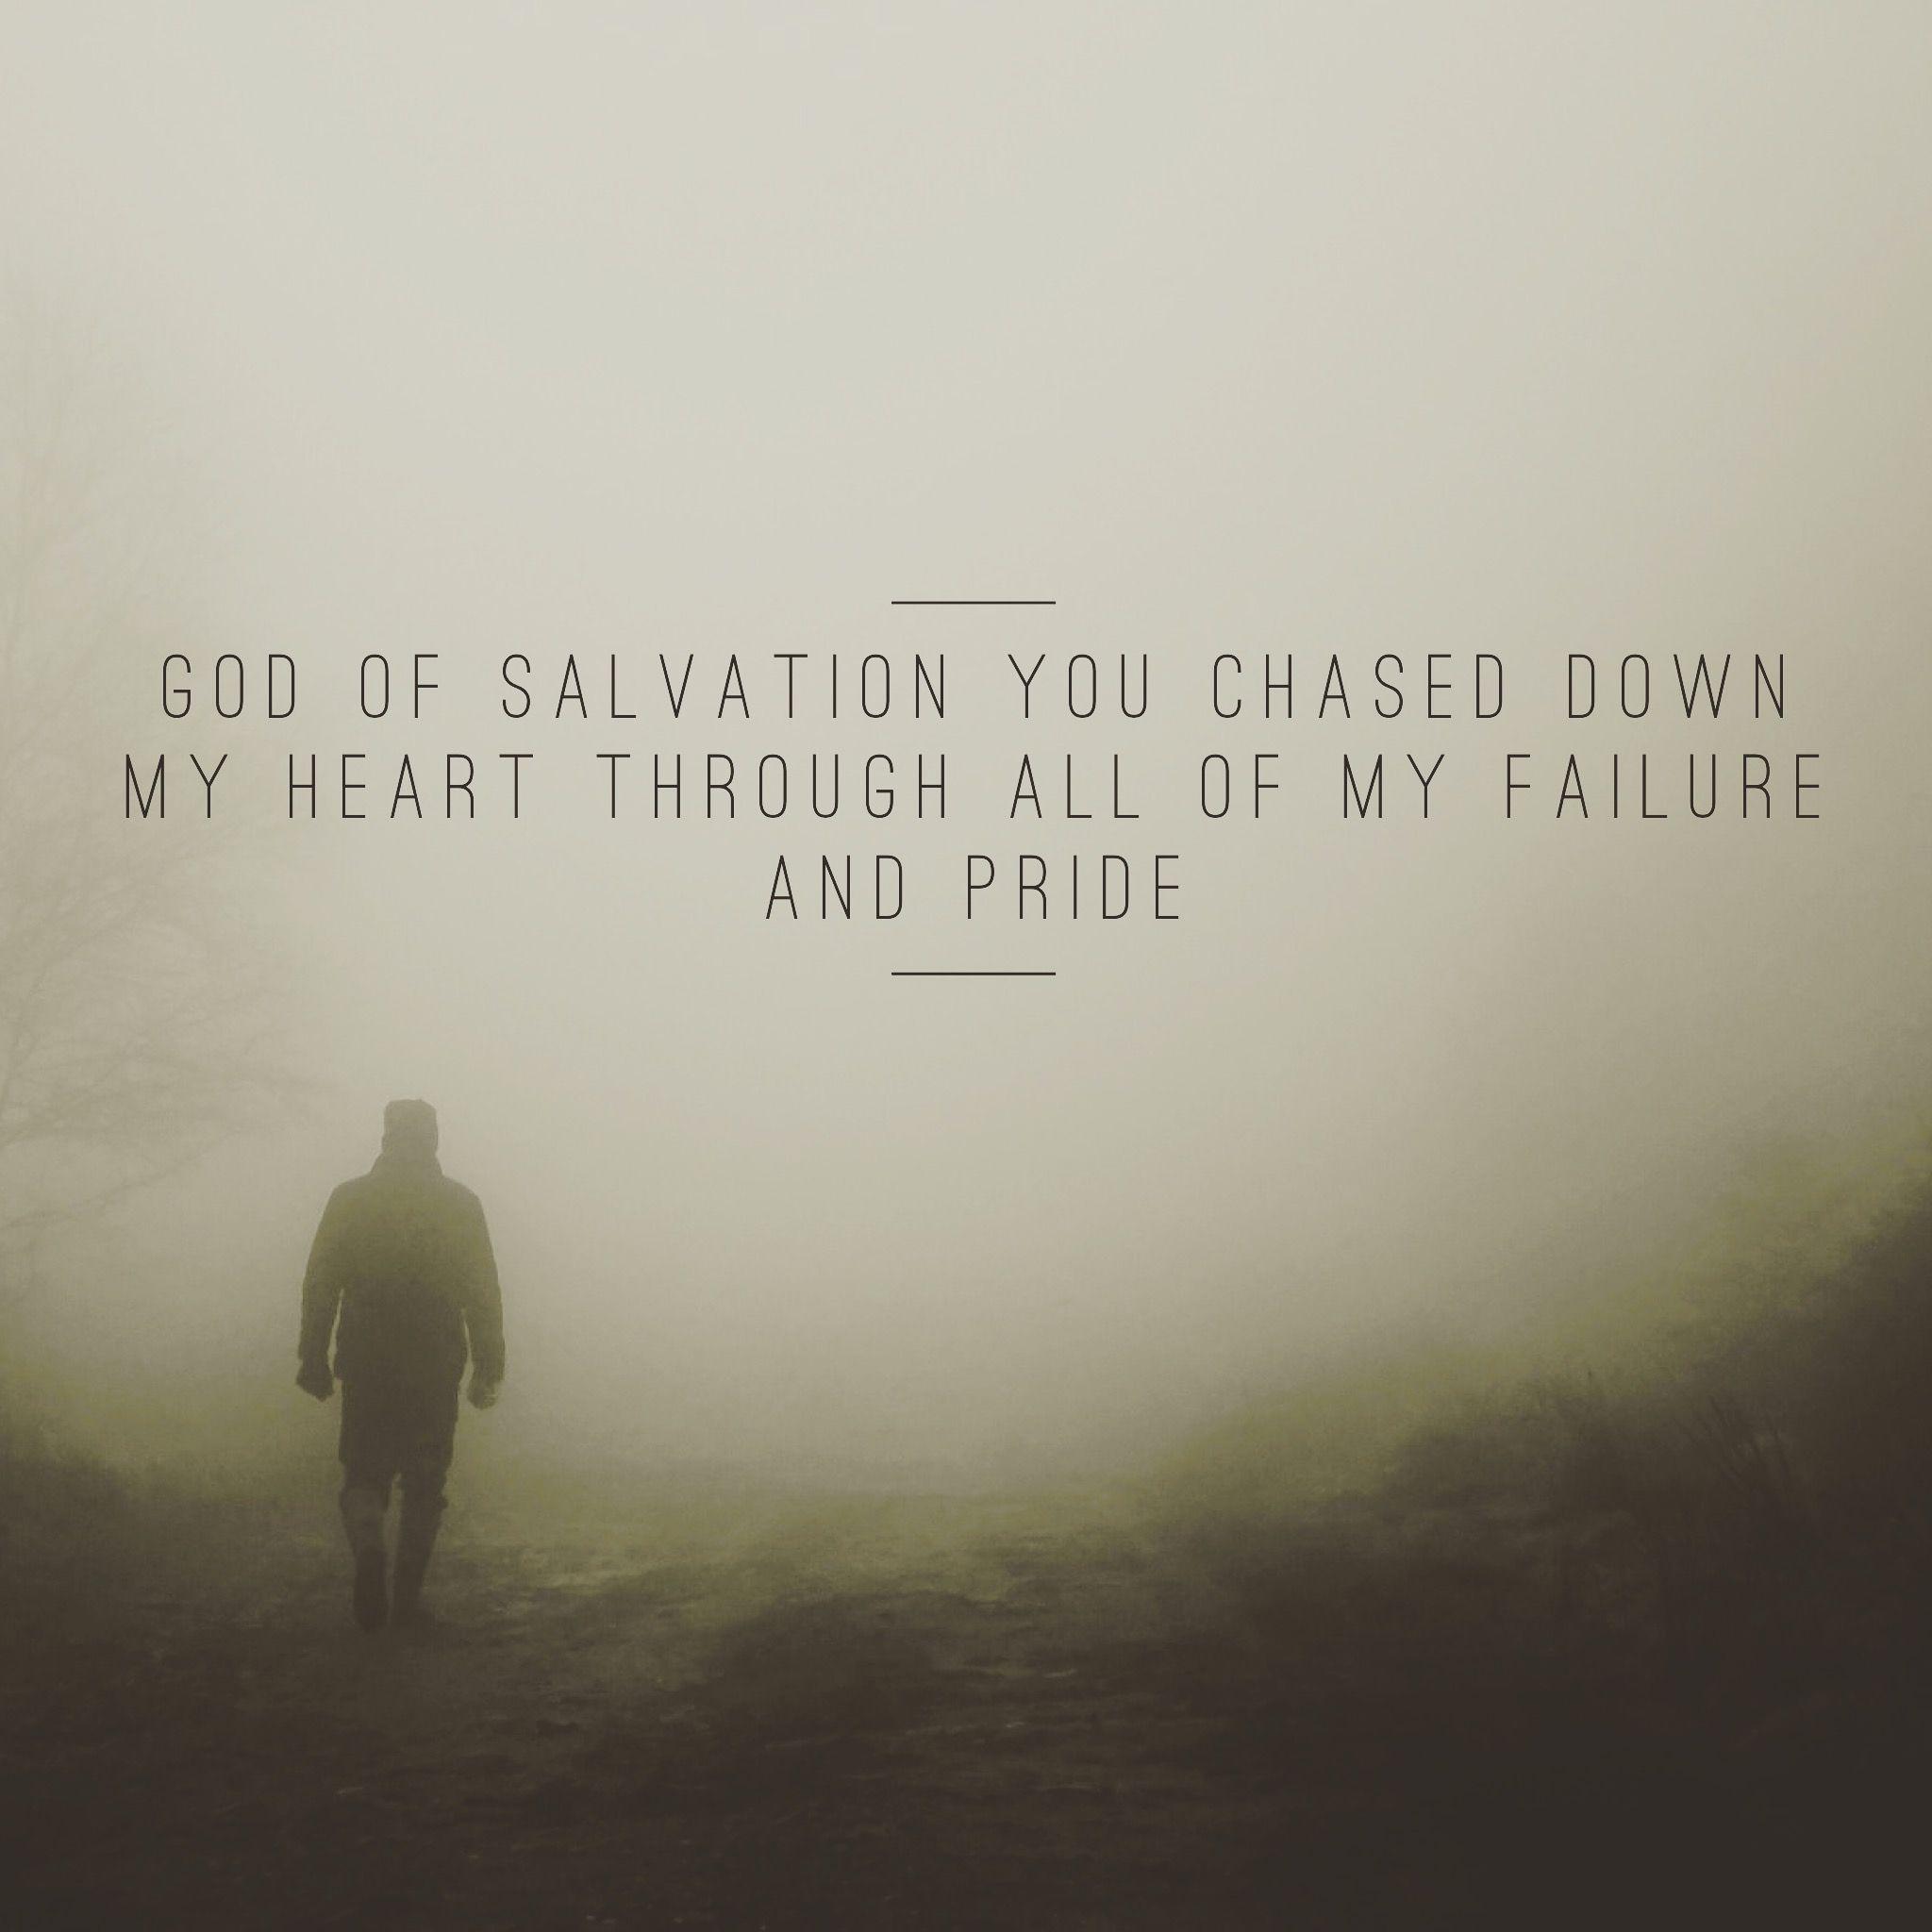 Our god is faithful hillsong